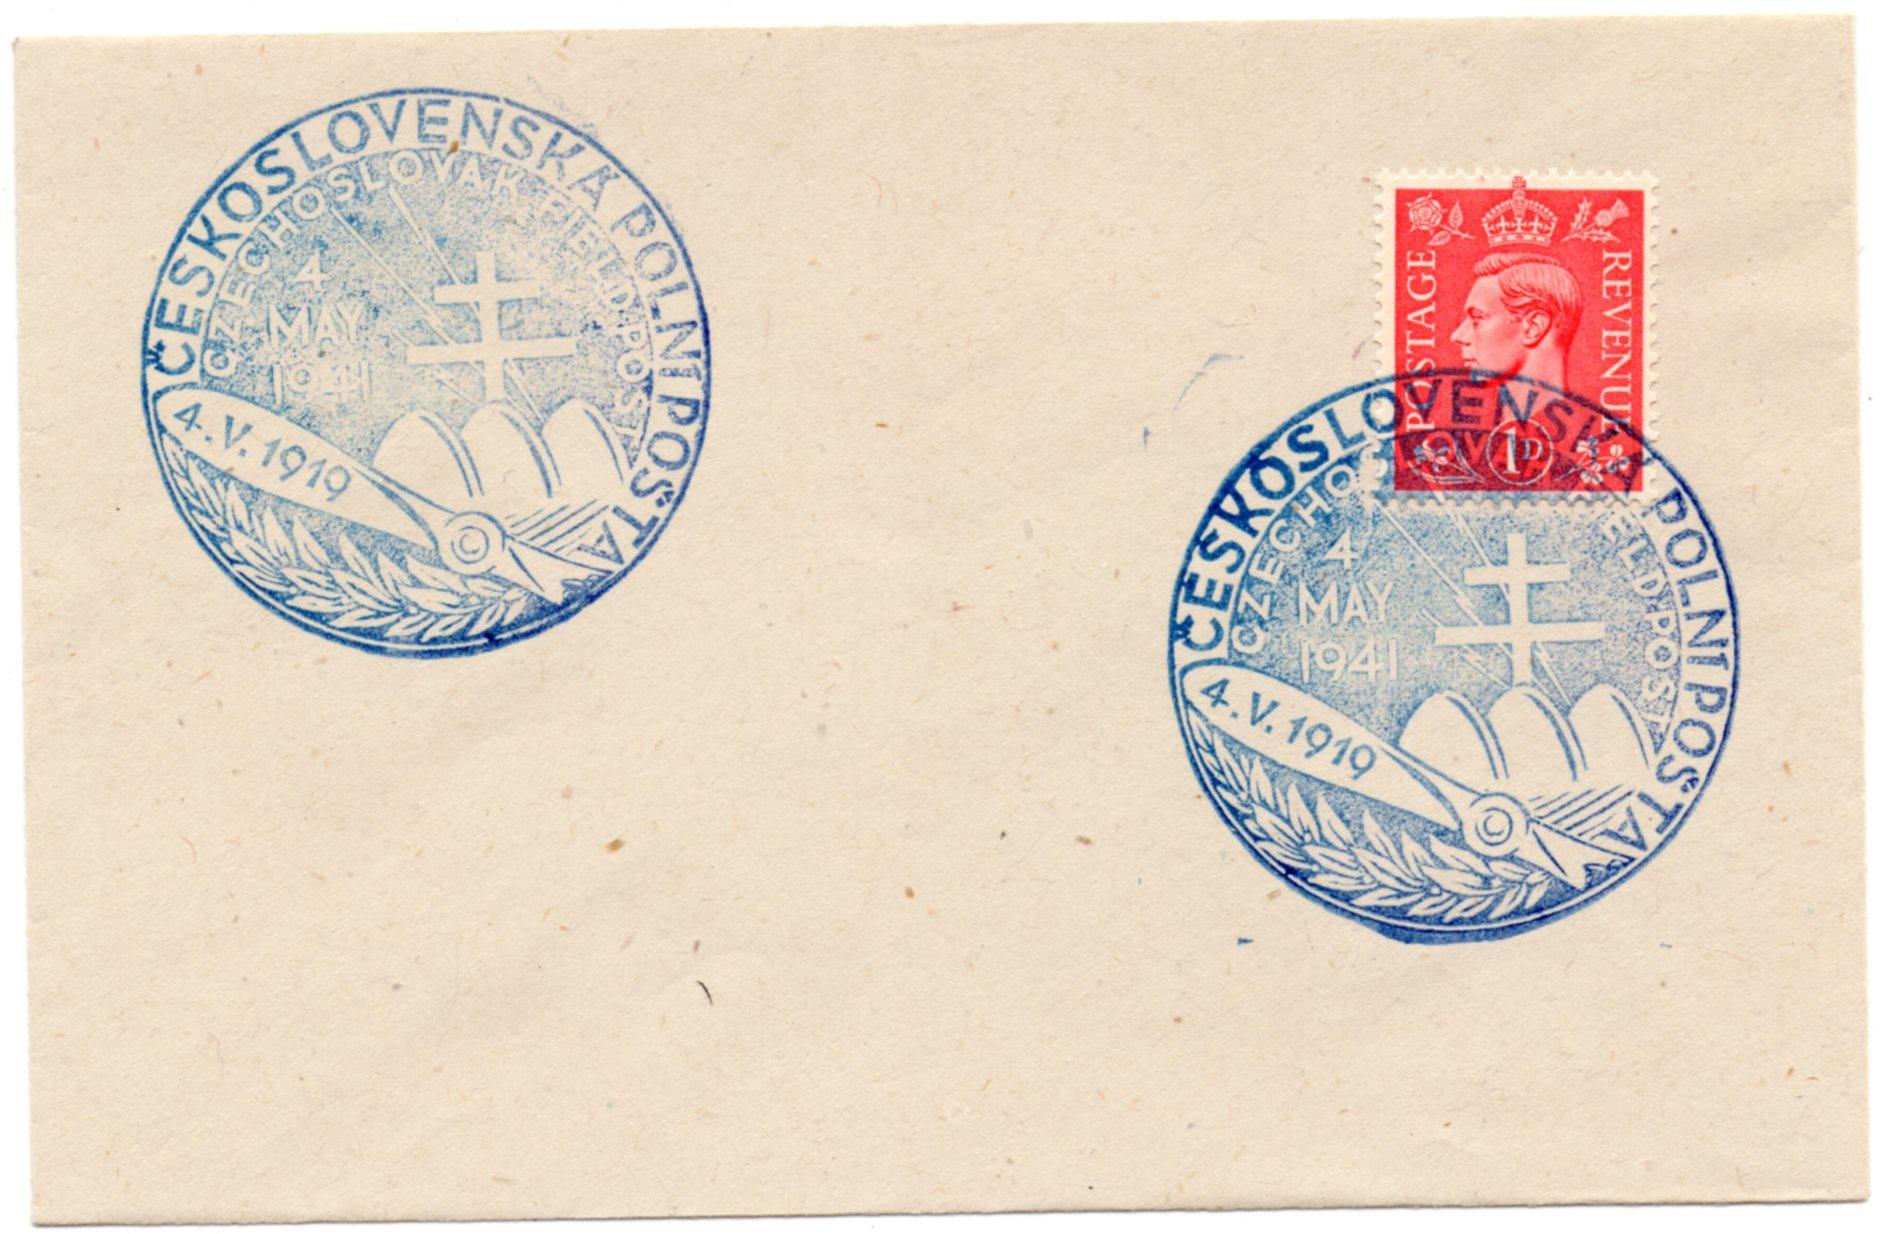 1941 1d ON CESKOSLOVENSKA POLNIPOSTA COVER